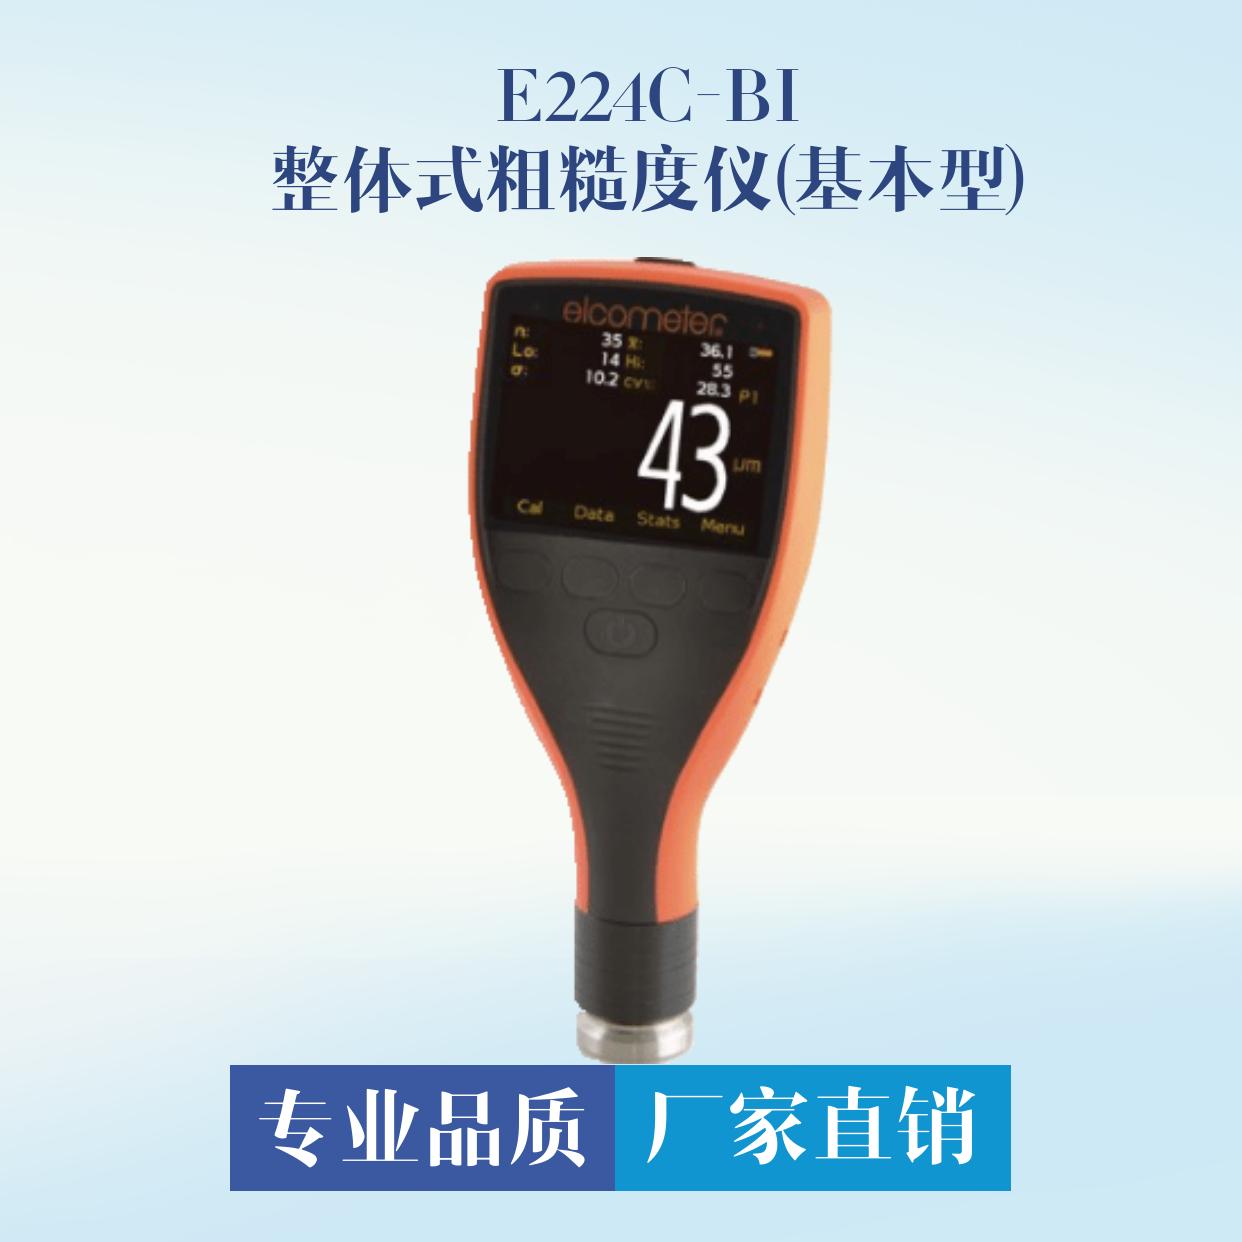 易高 E224C-BI 整体式粗糙度仪(基本型)